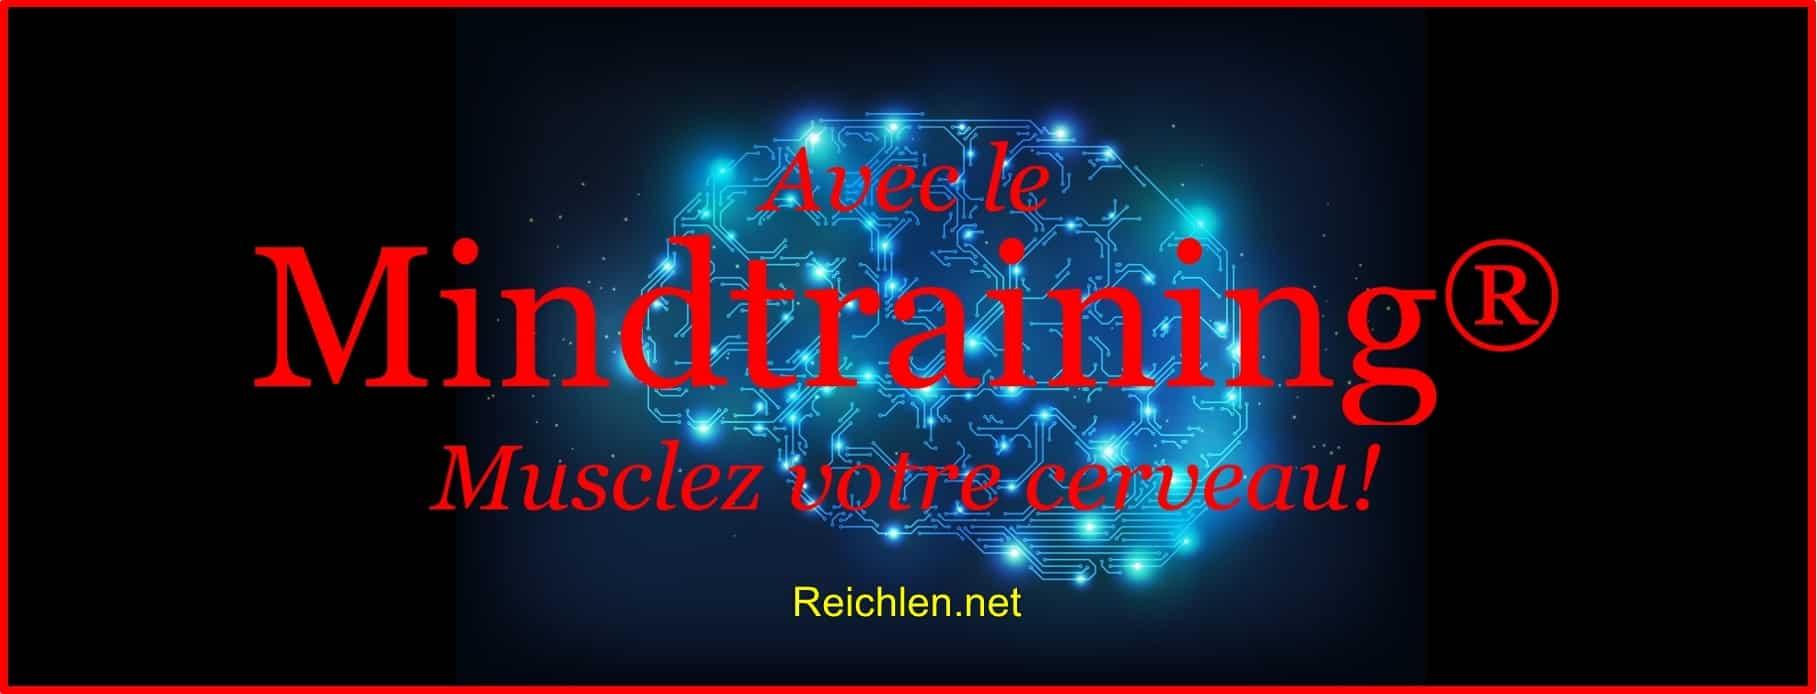 Musclez votre cerveau avec le Mindtraining®